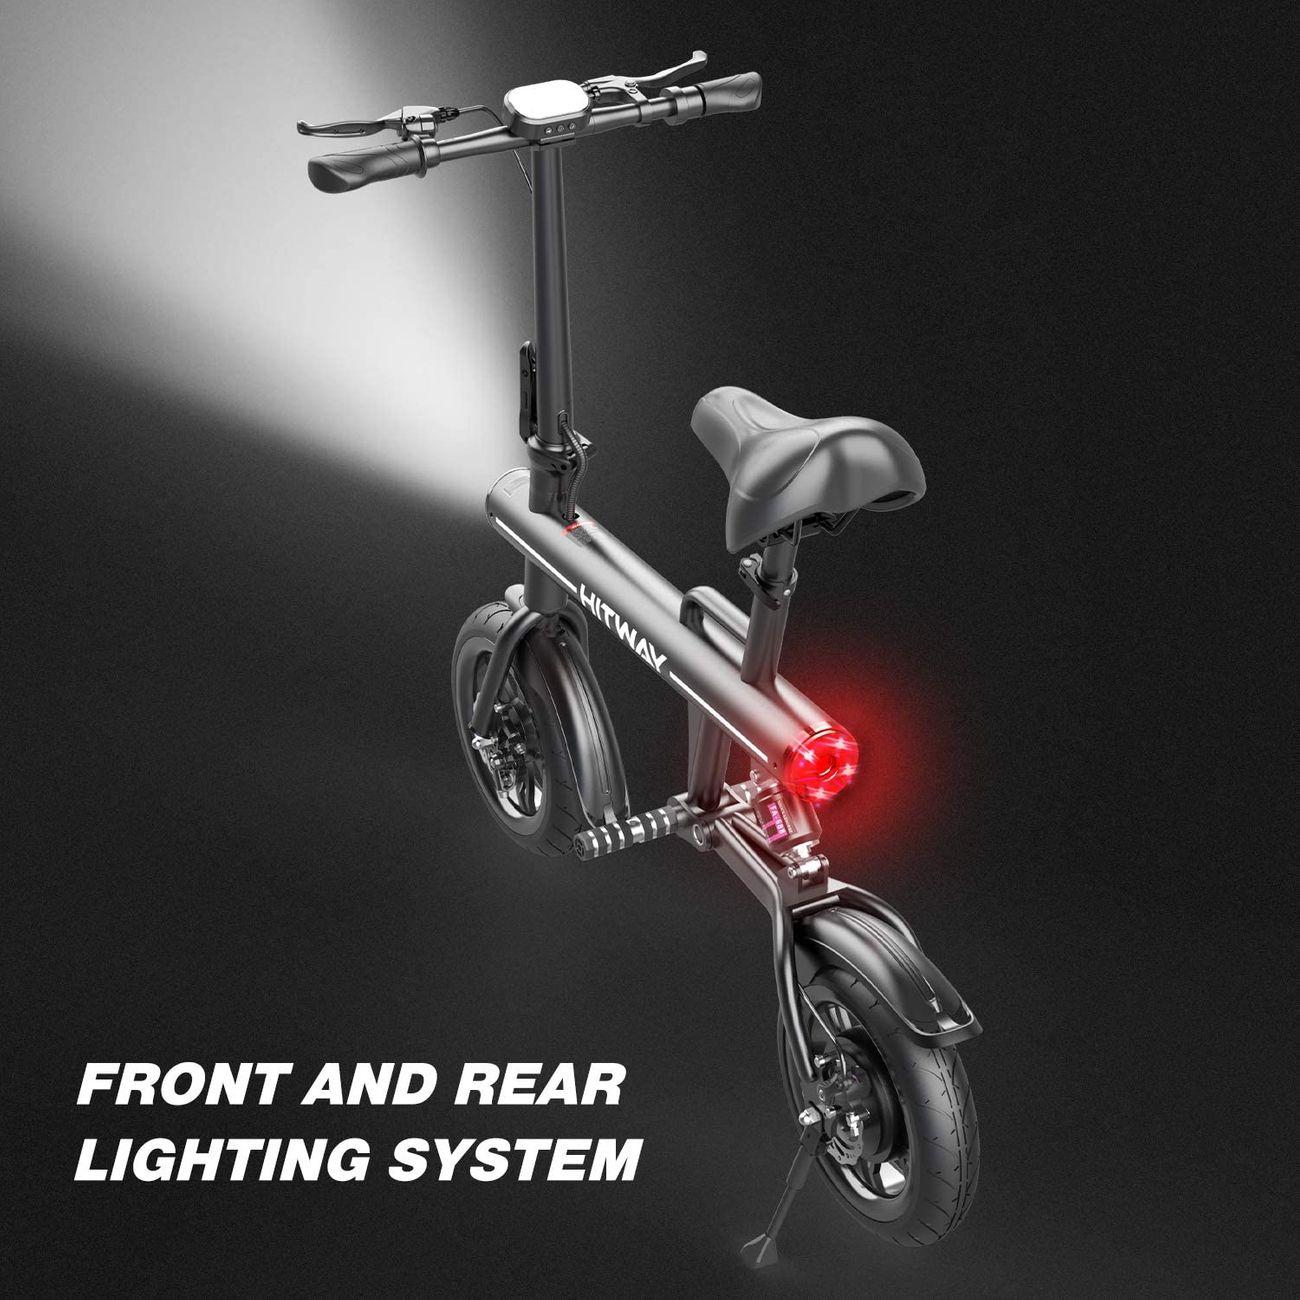 COOL&FUN HITWAY Pliant E-Bike pour Adultes, Scooter électrique 250W Batterie de Moteur sans Balai 7.5Ah 3 Modes de Vitesse Max. Pneu pneumatique Vitesse 25KM / H